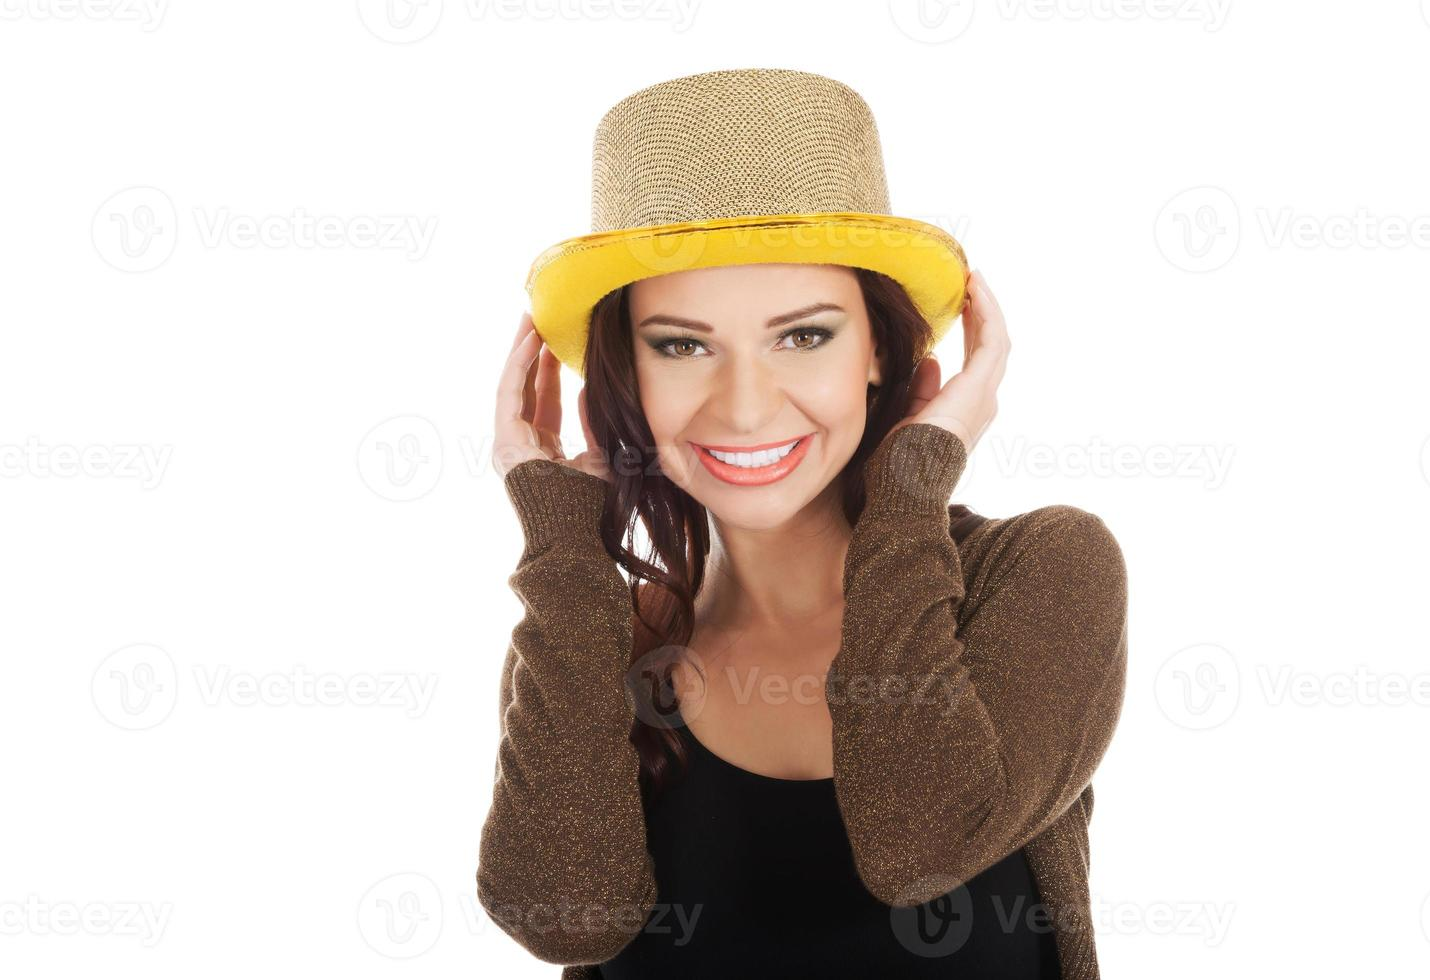 bella donna in abito nero e cappello d'oro. foto